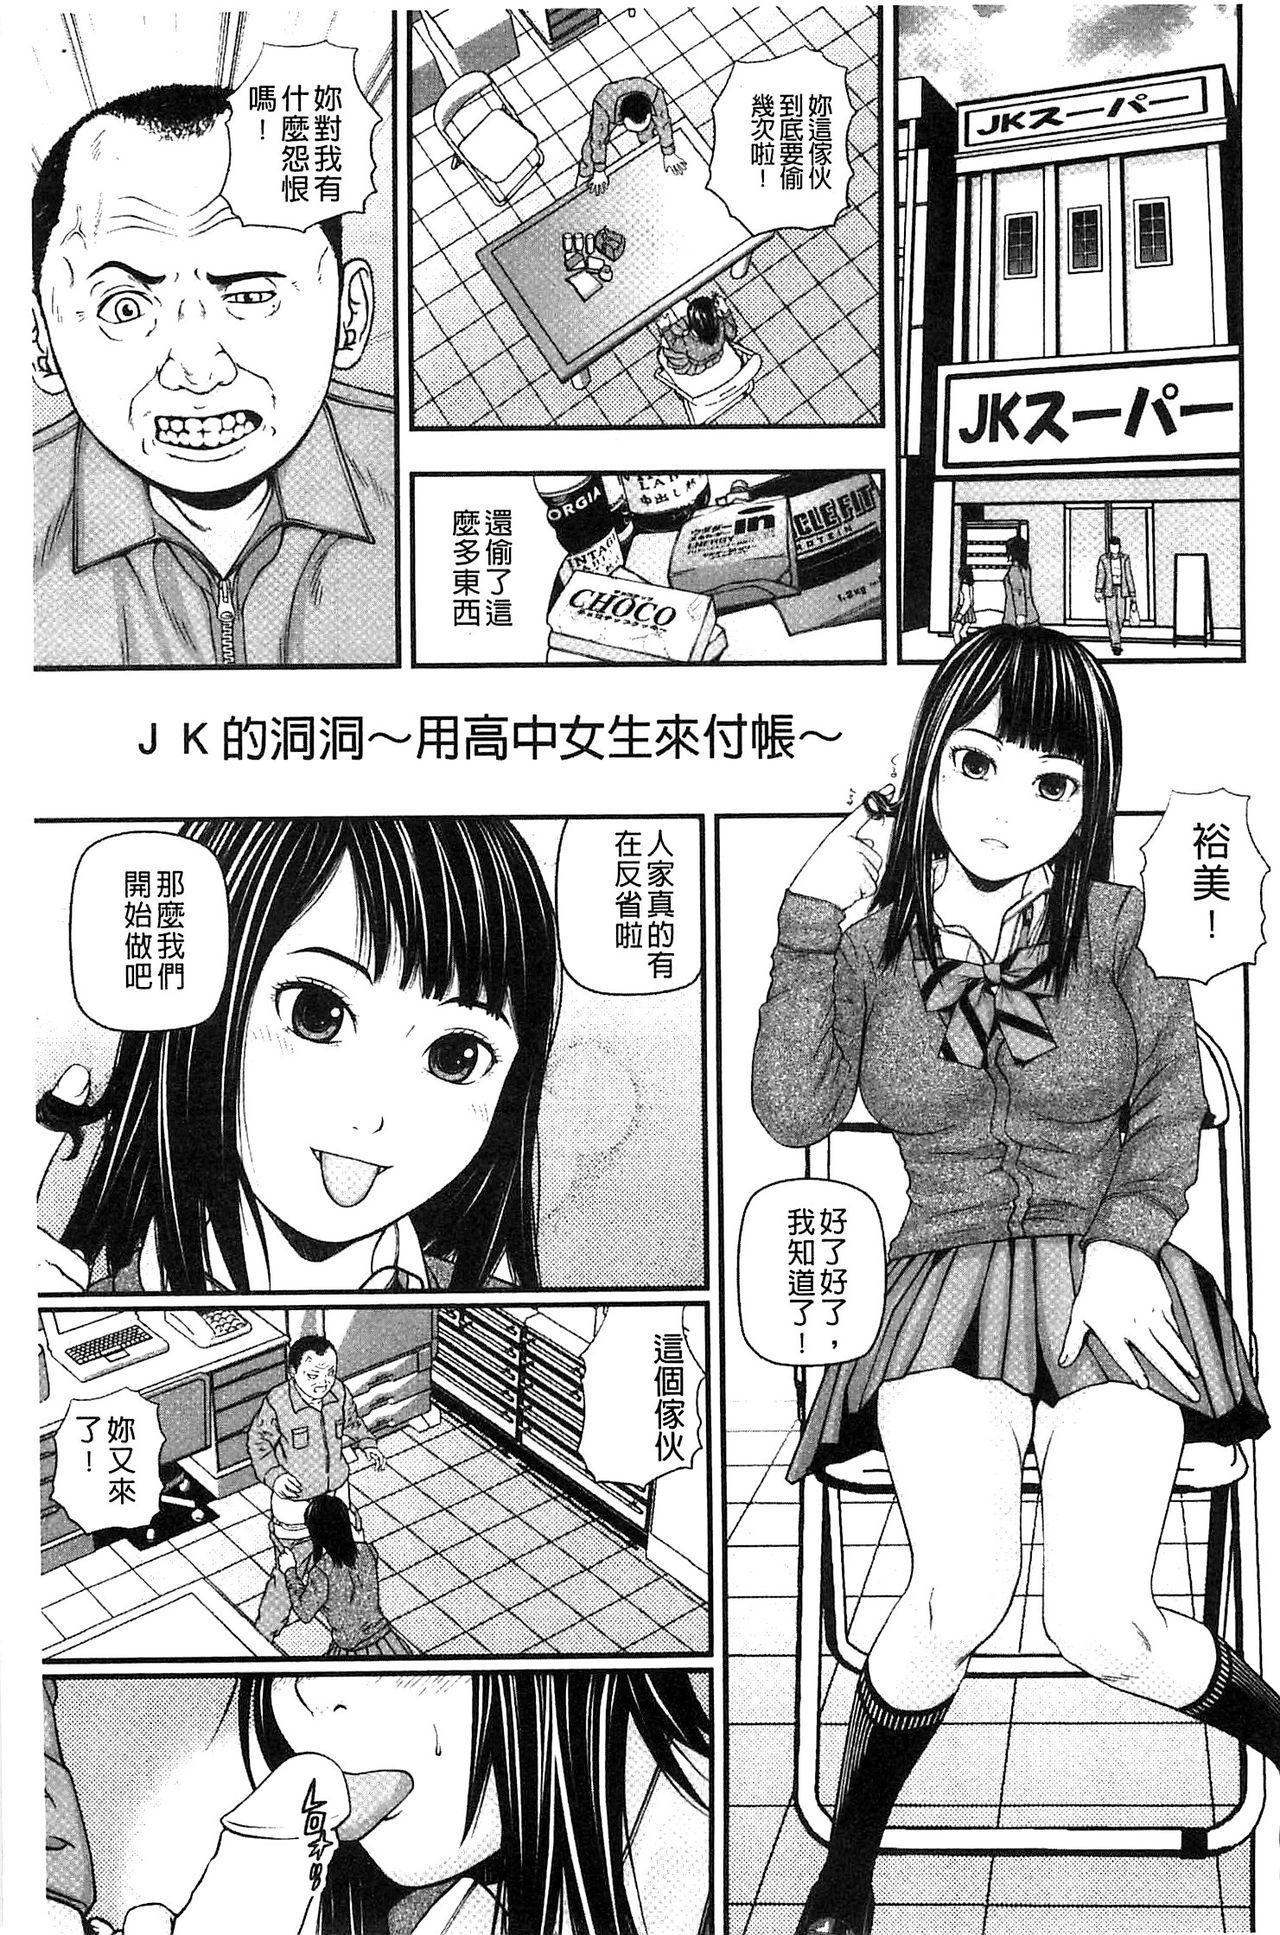 Koijirushi Love Milk | 戀印愛慾鮮乳 172